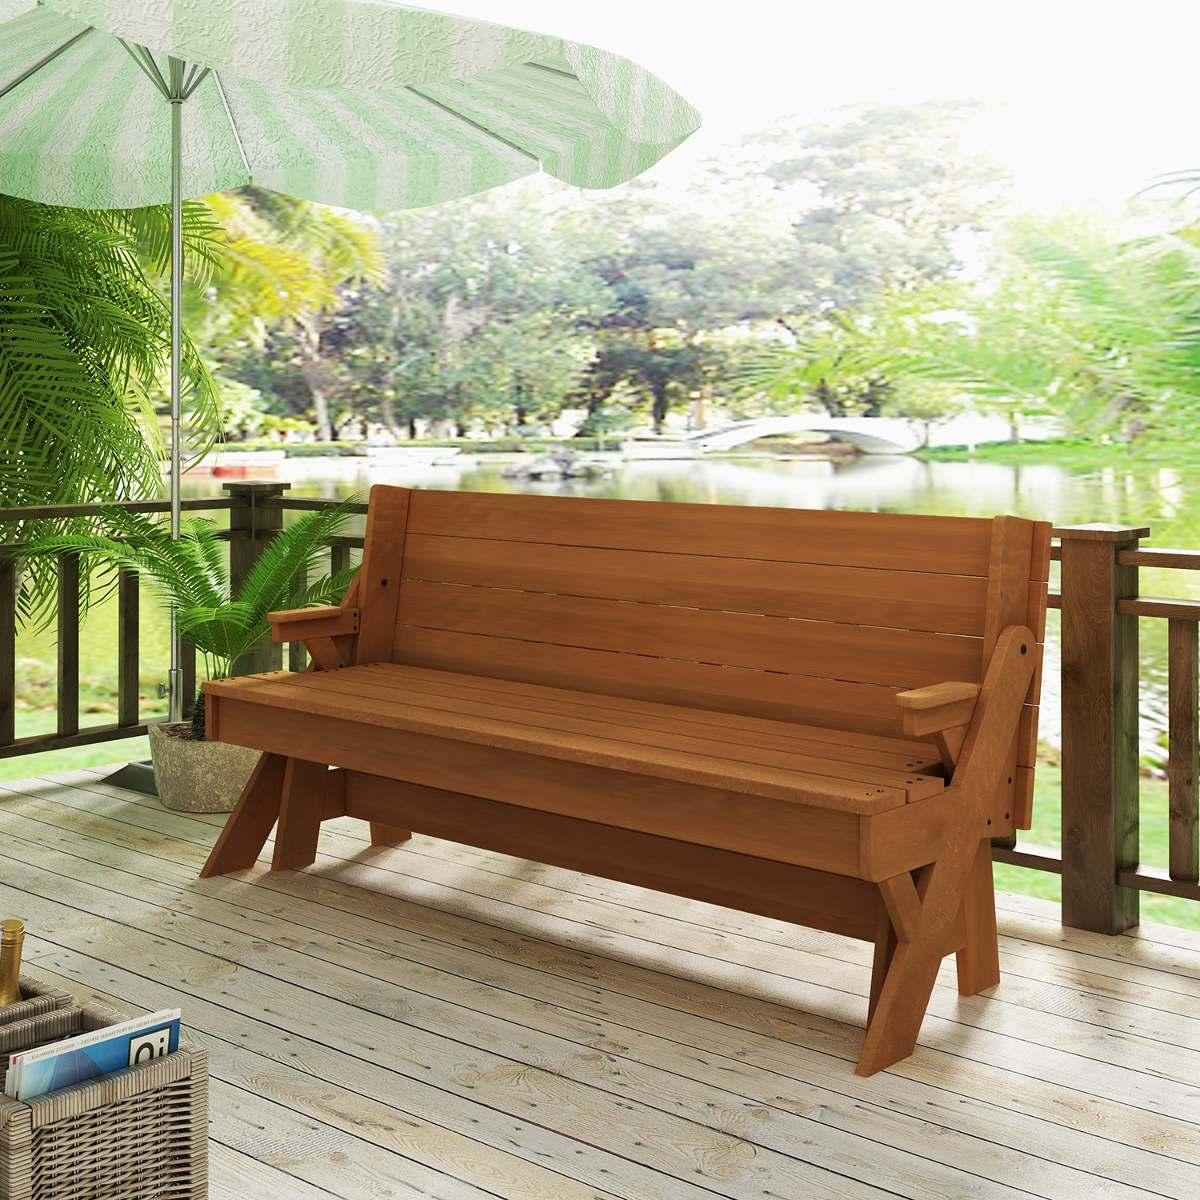 mesa para jardim mercado livre ? Doitri.com